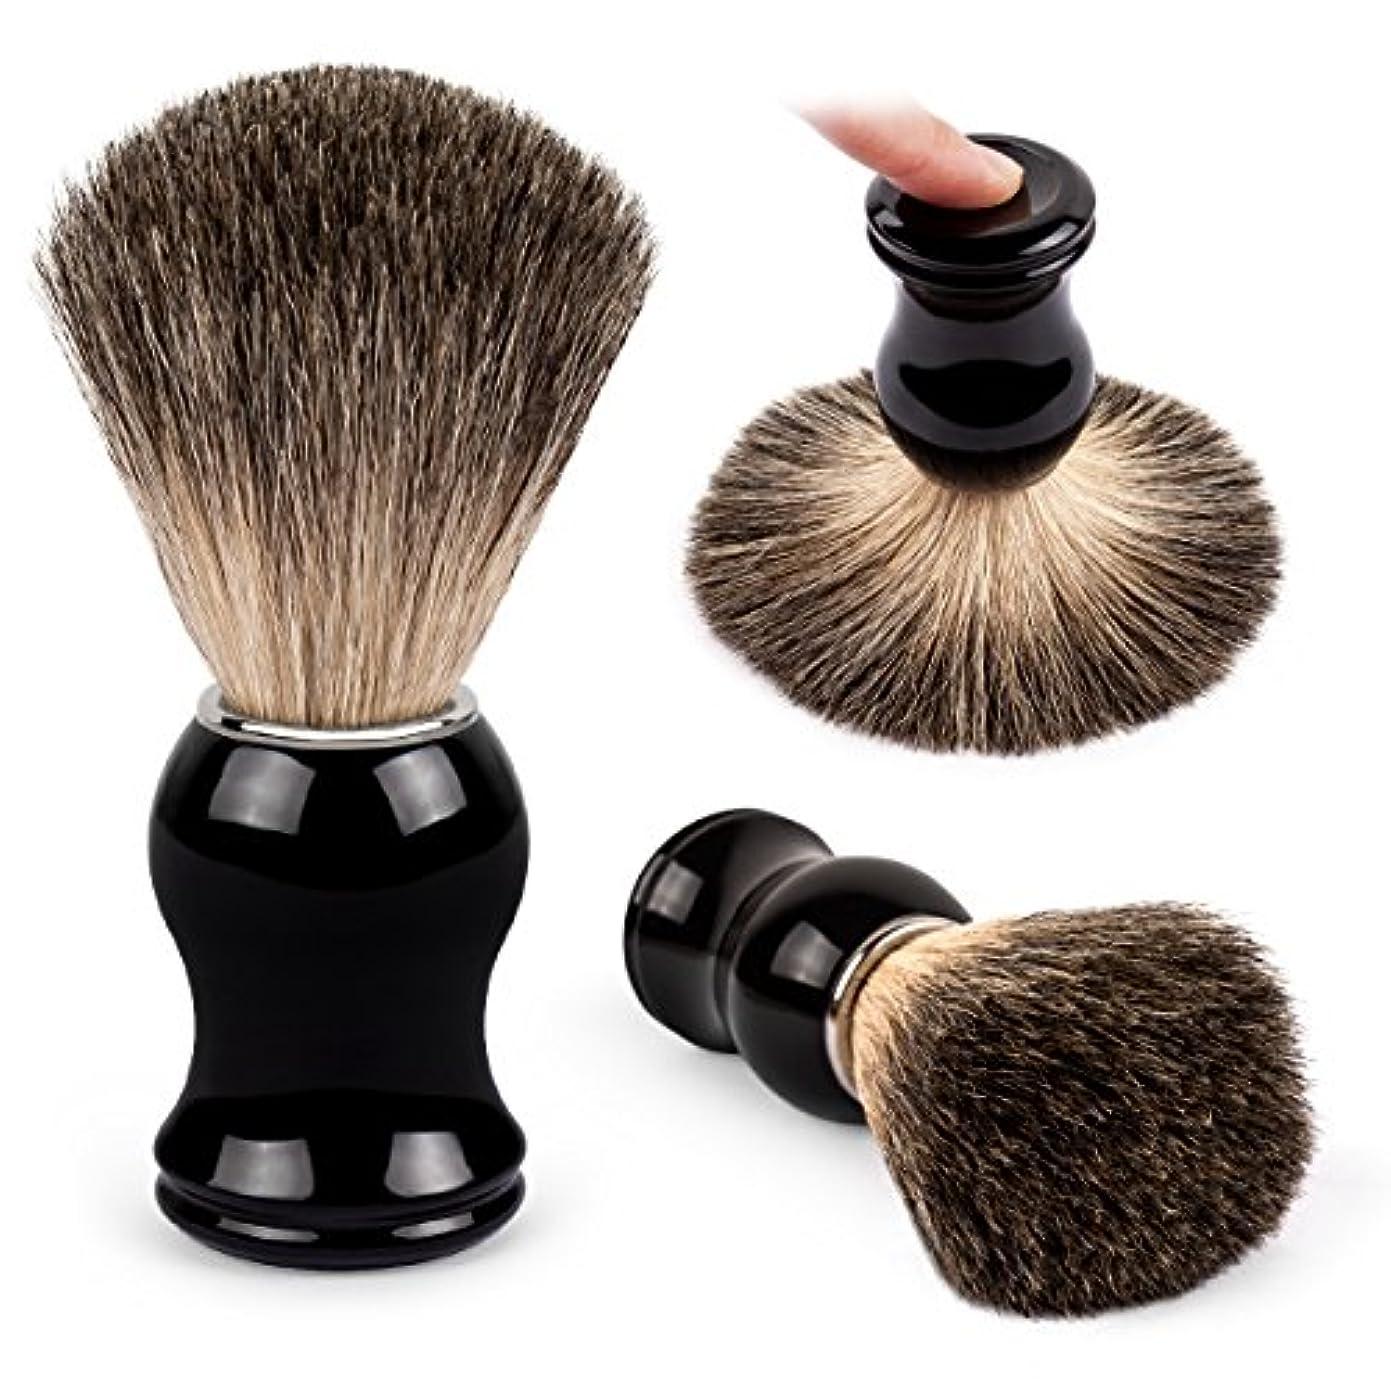 切断する失業者ブーストQSHAVE 100%最高級アナグマ毛オリジナルハンドメイドシェービングブラシ。高品質樹脂ハンドル。ウェットシェービング、安全カミソリ、両刃カミソリに最適